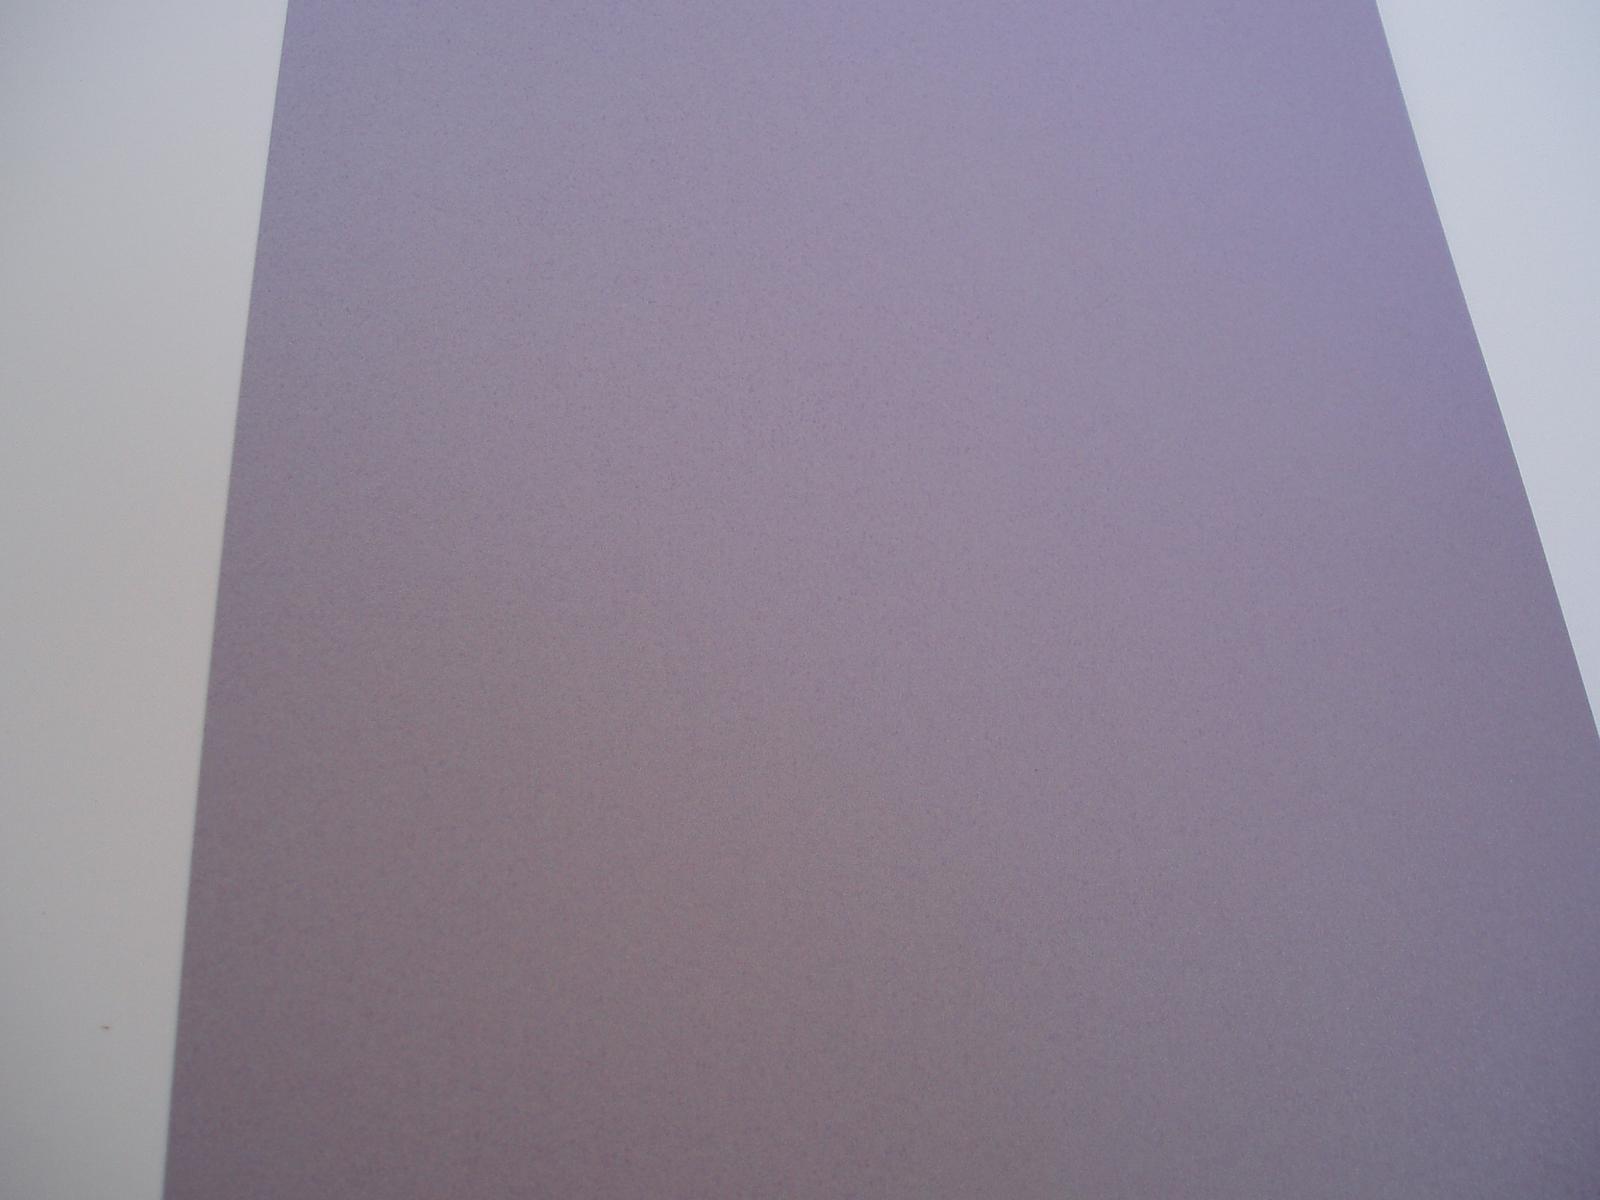 A 4-perleťový papír - Obrázek č. 1